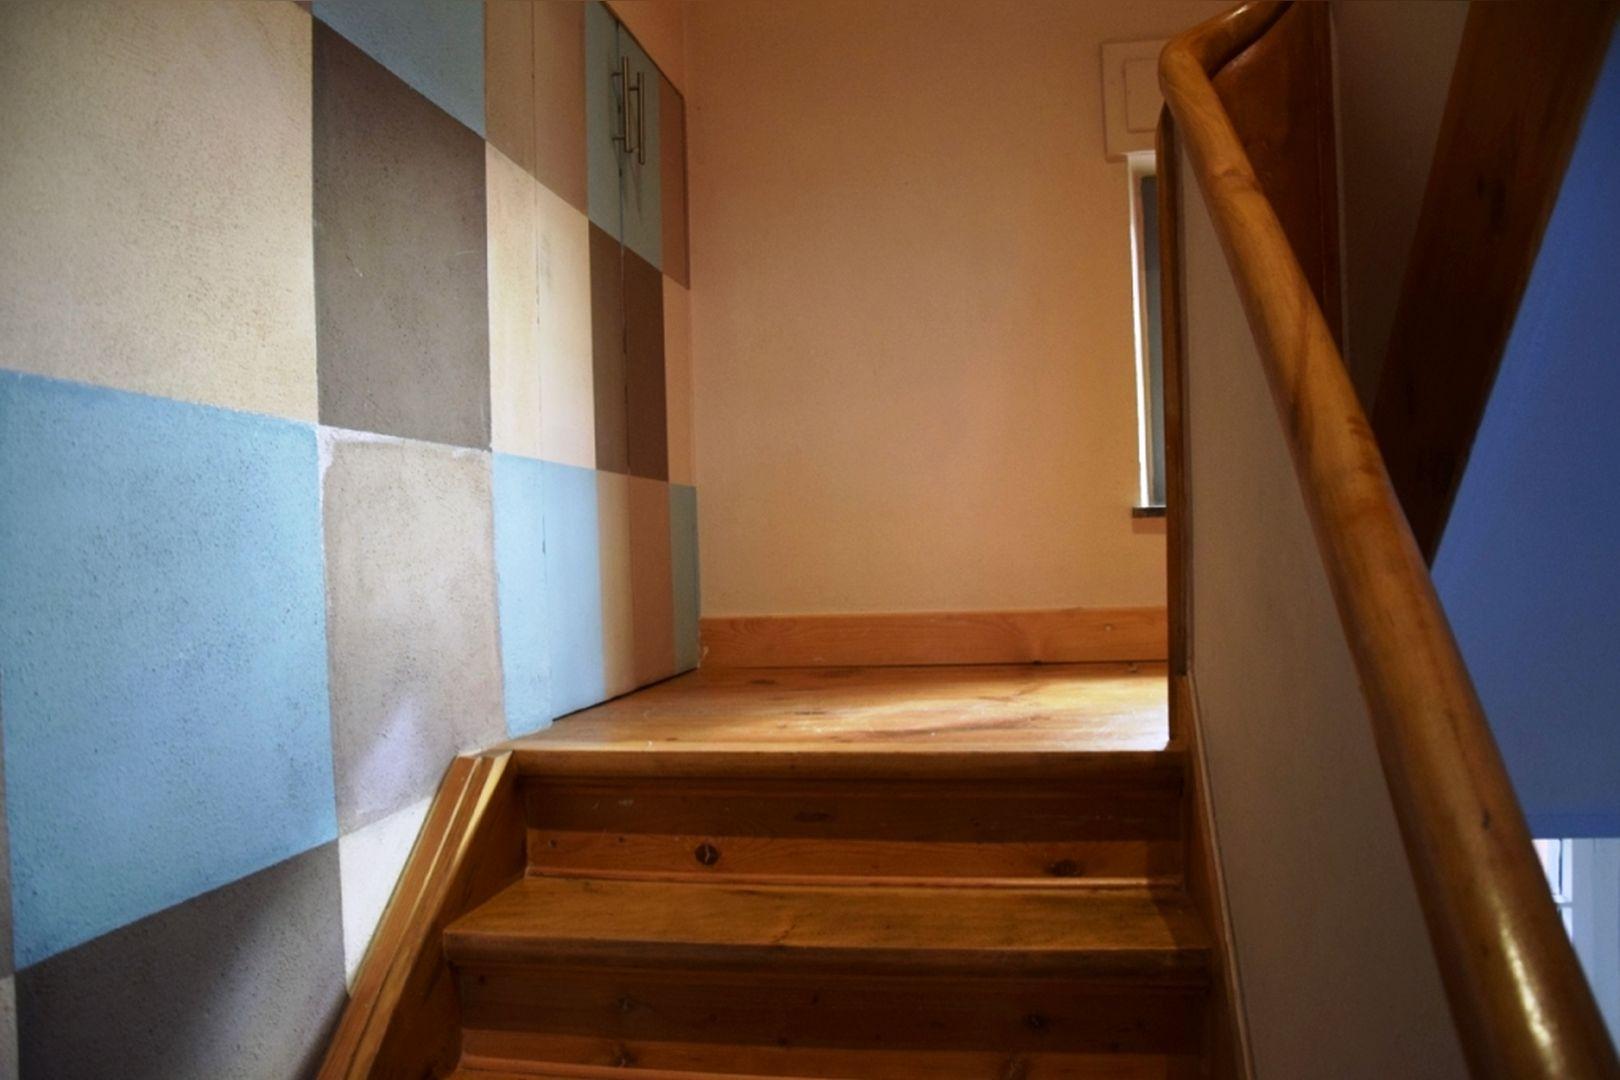 Immobilie Nr.0250 - Maisonette-Wohnung - Bild 15.jpg